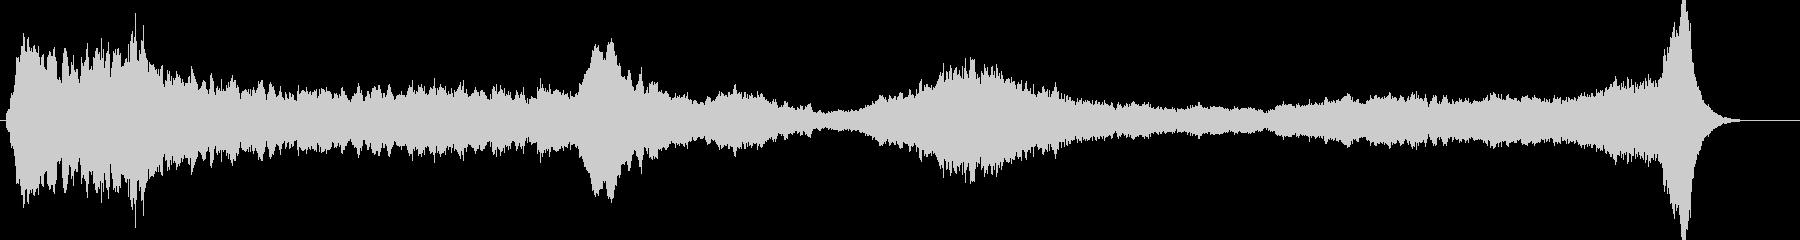 ボーカルが印象的な壮大で不気味な映像音楽の未再生の波形